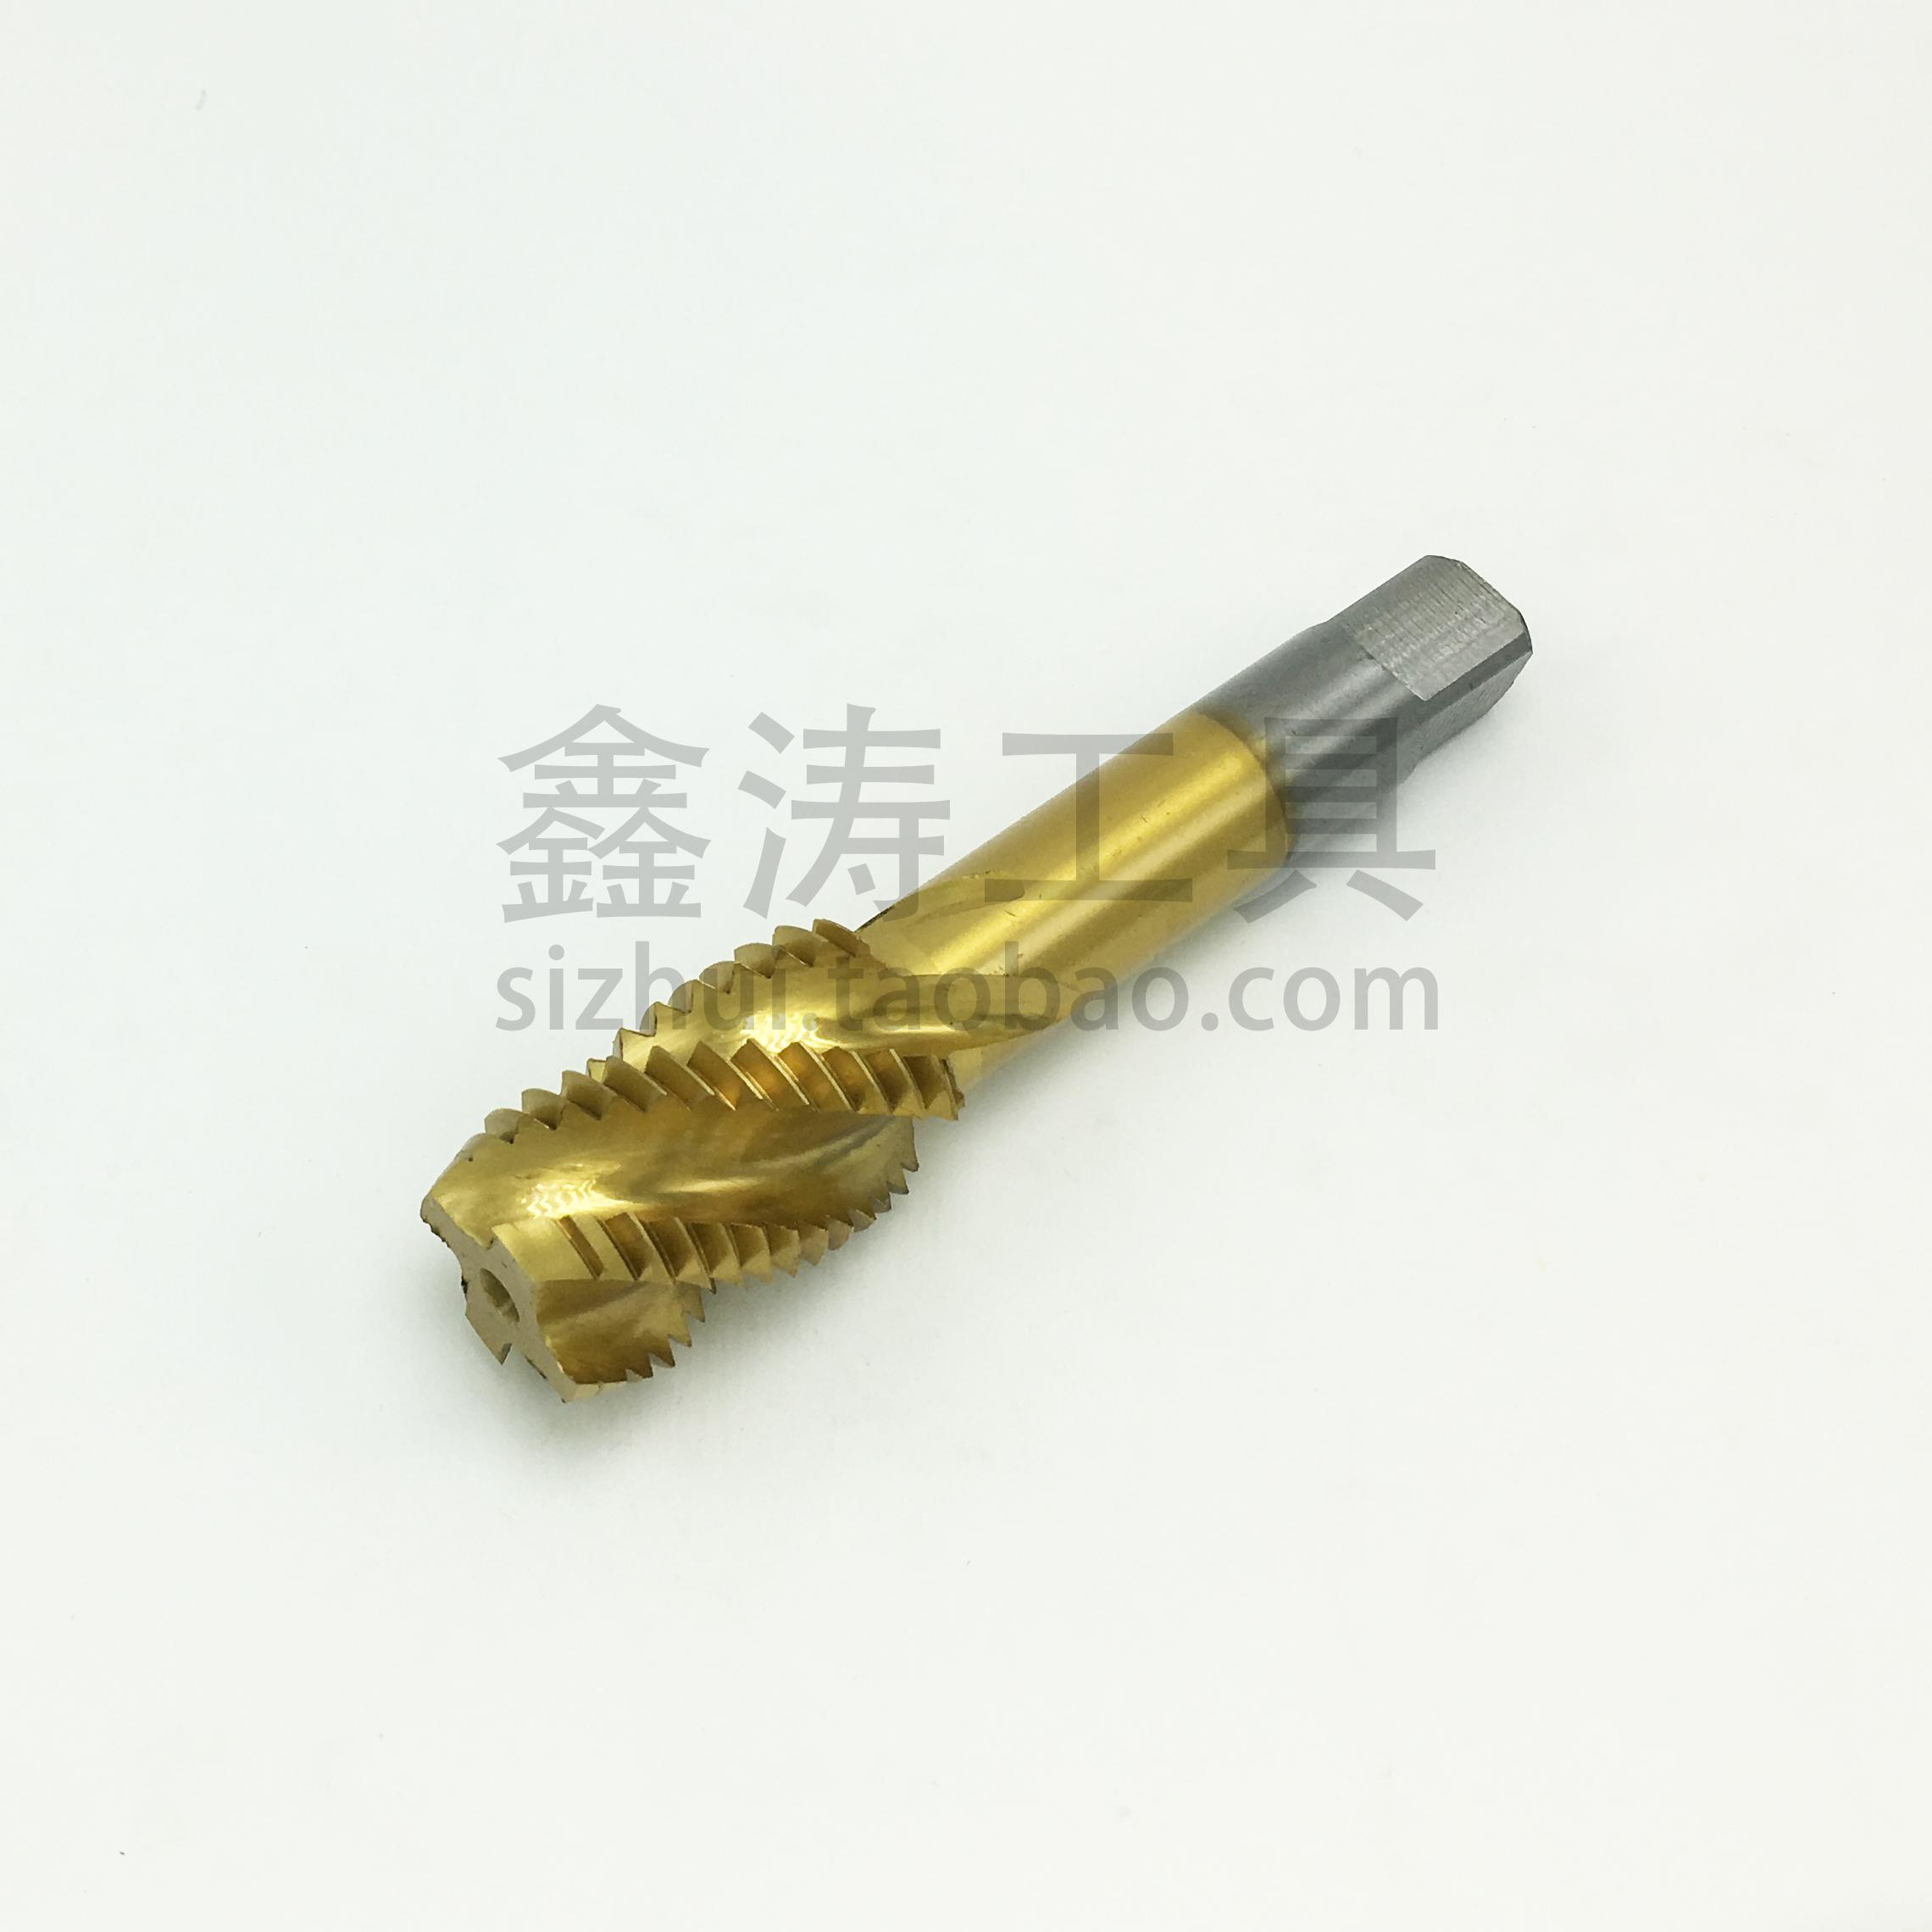 Tap M3M3.5M4M5M6M7M8M10M12M14M16 authentic Shanghai Hongtai Ti spiral screw machine